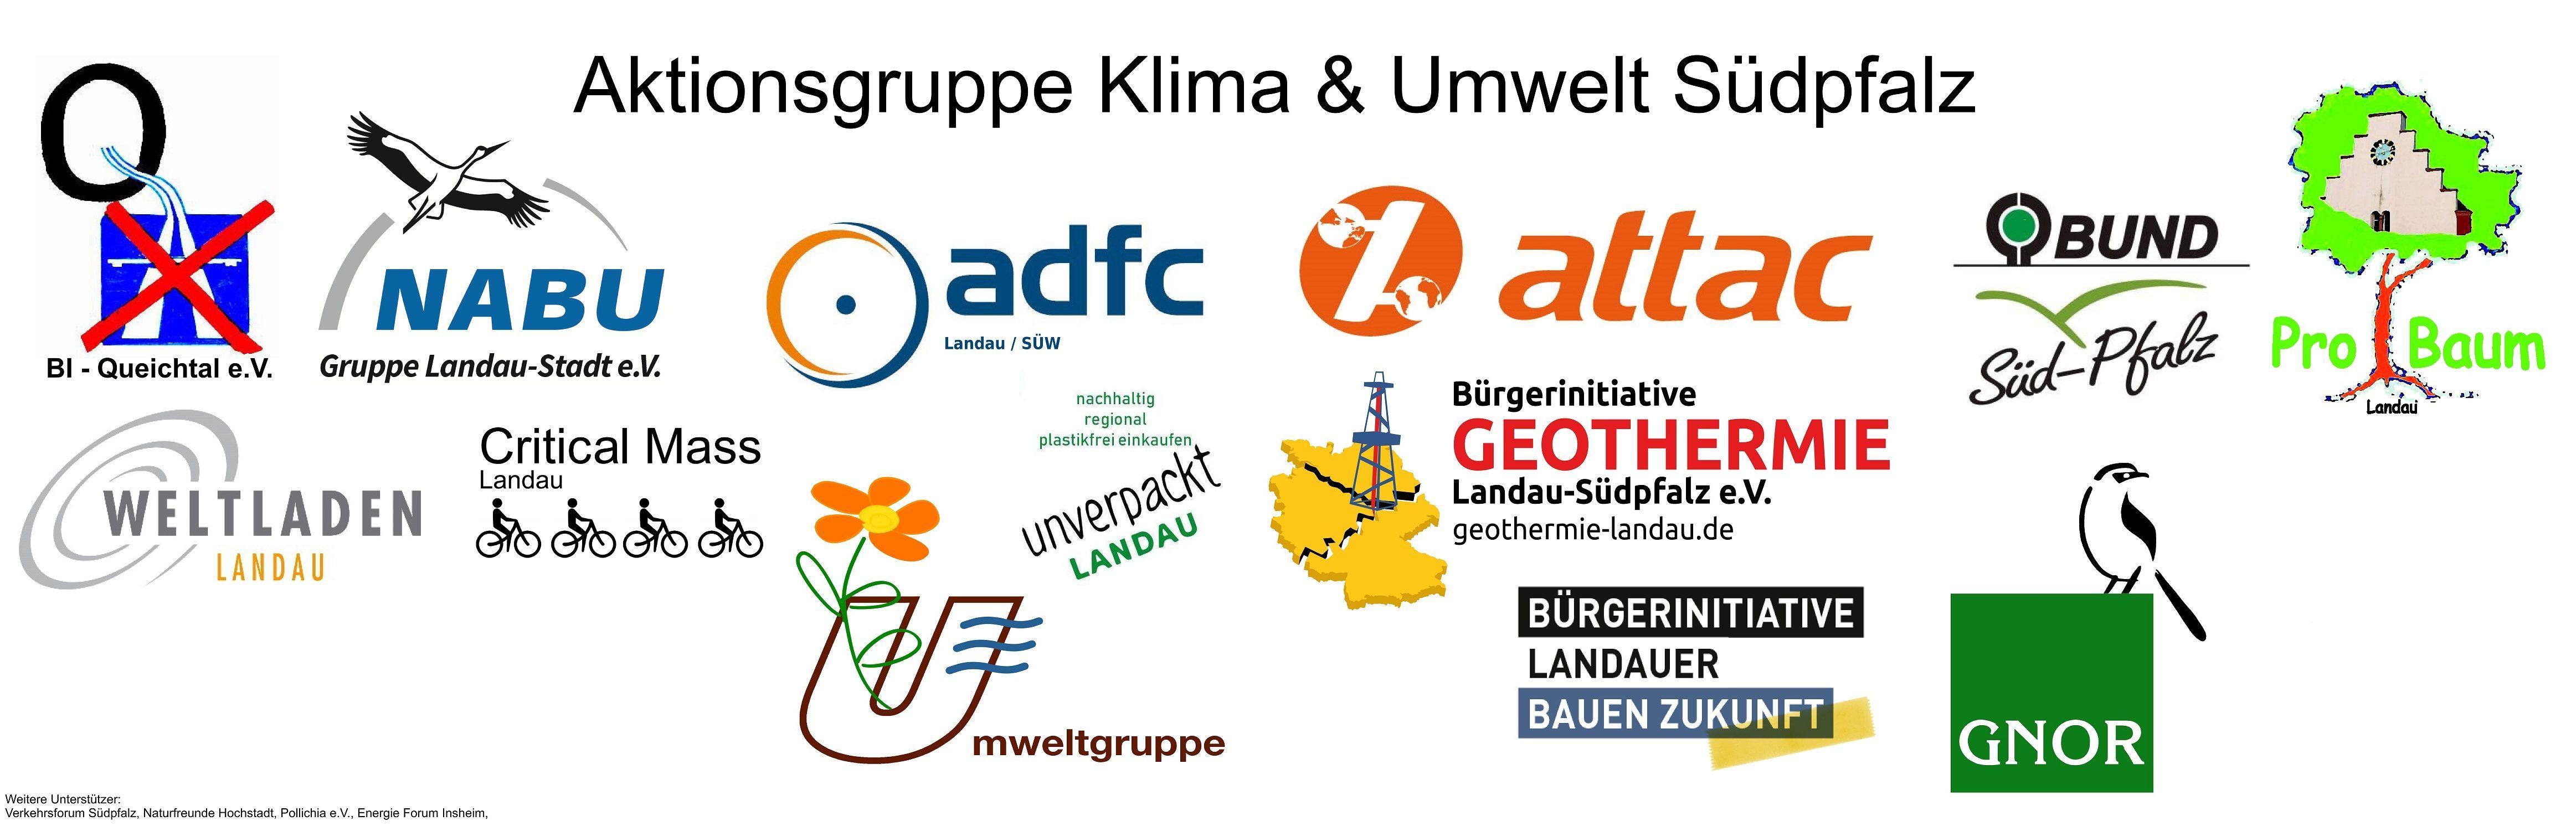 Aktionsgruppe Klima und Umwelt Südpfalz